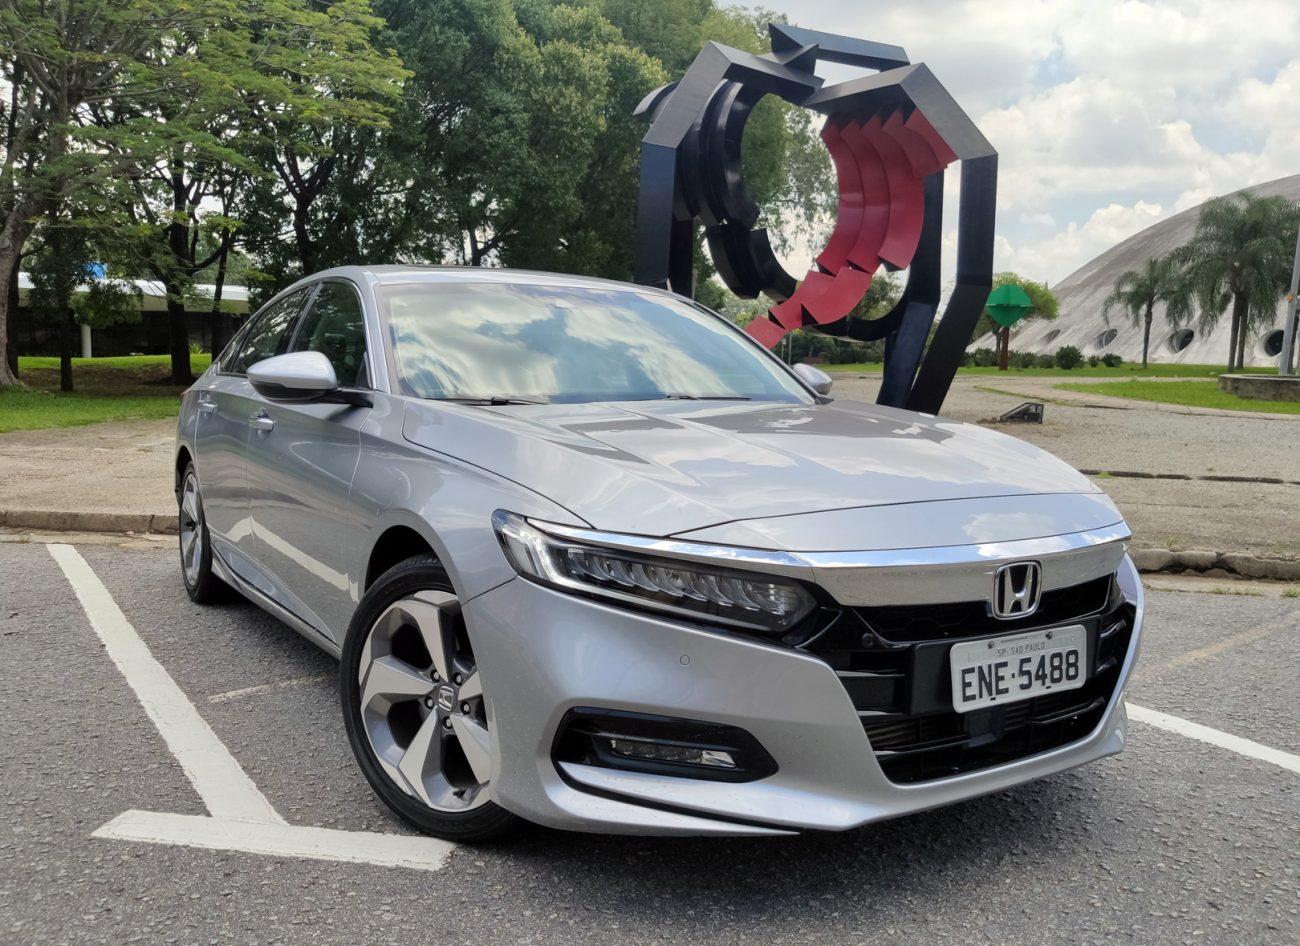 Honda Accord mostra que não é sedã 'de tiozão' e que pode rivalizar com BMW e Mercedes